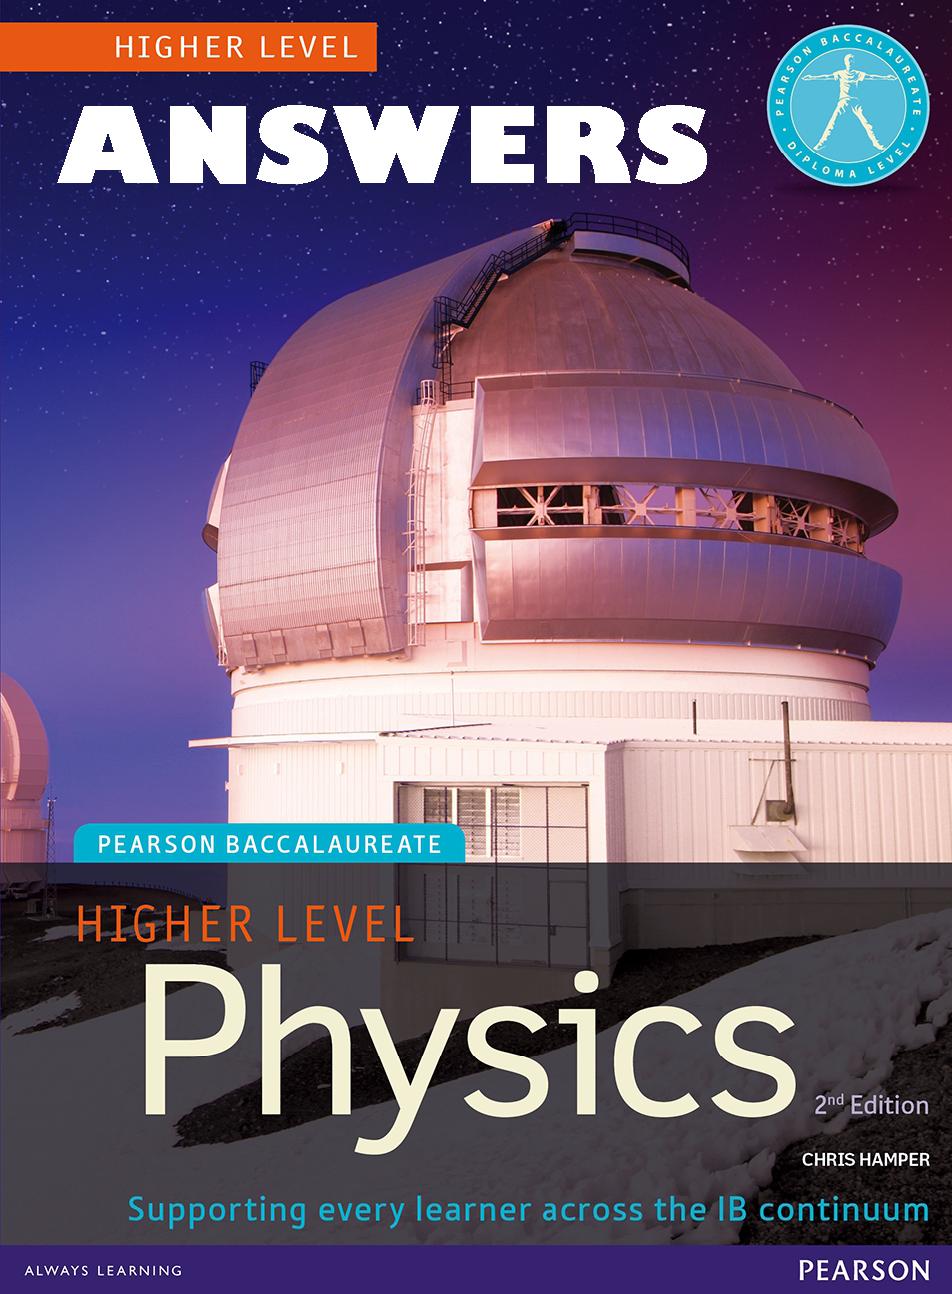 历年国际IB Physics课程教材课本